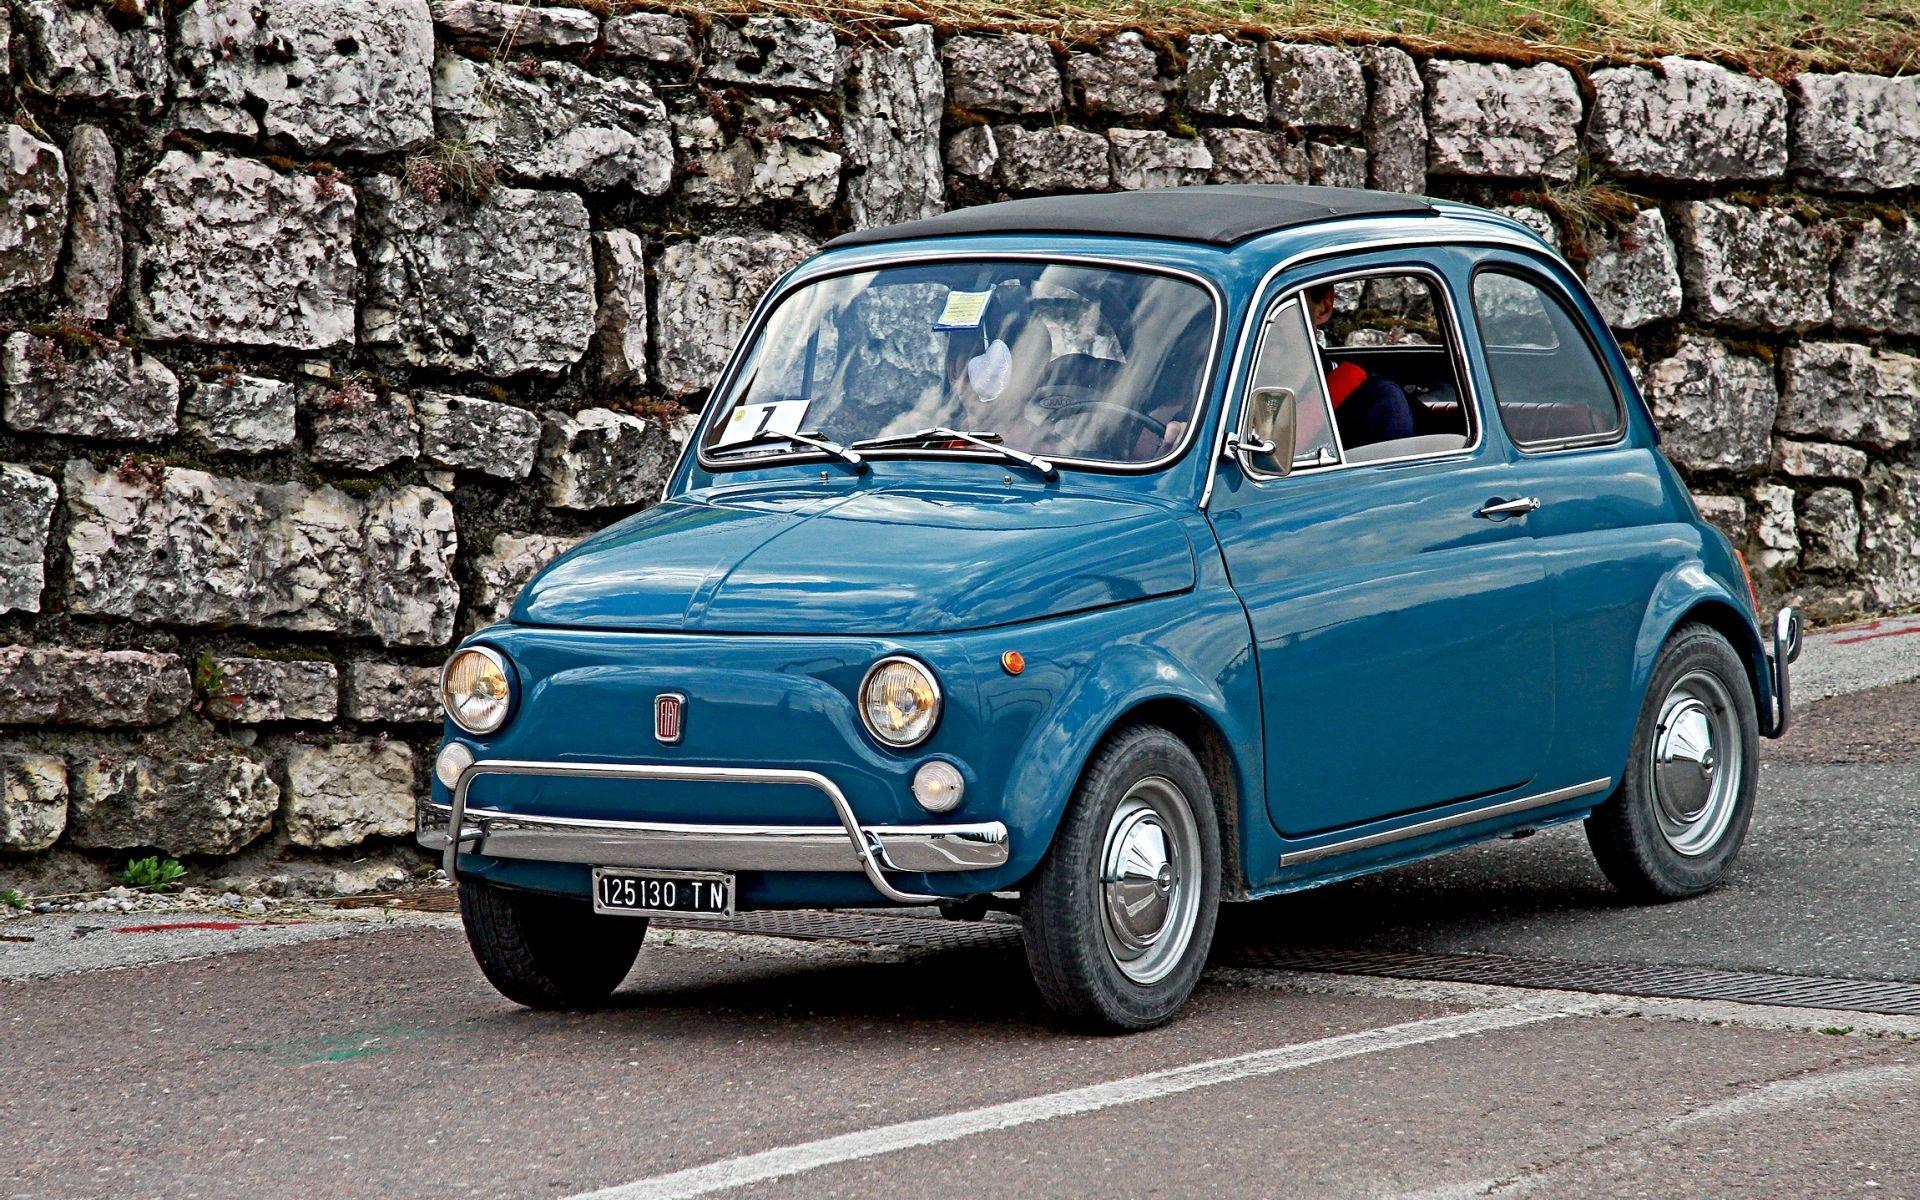 Fiat 500 HD Wallpaper Background Image 1920x1200 ID592092 1920x1200